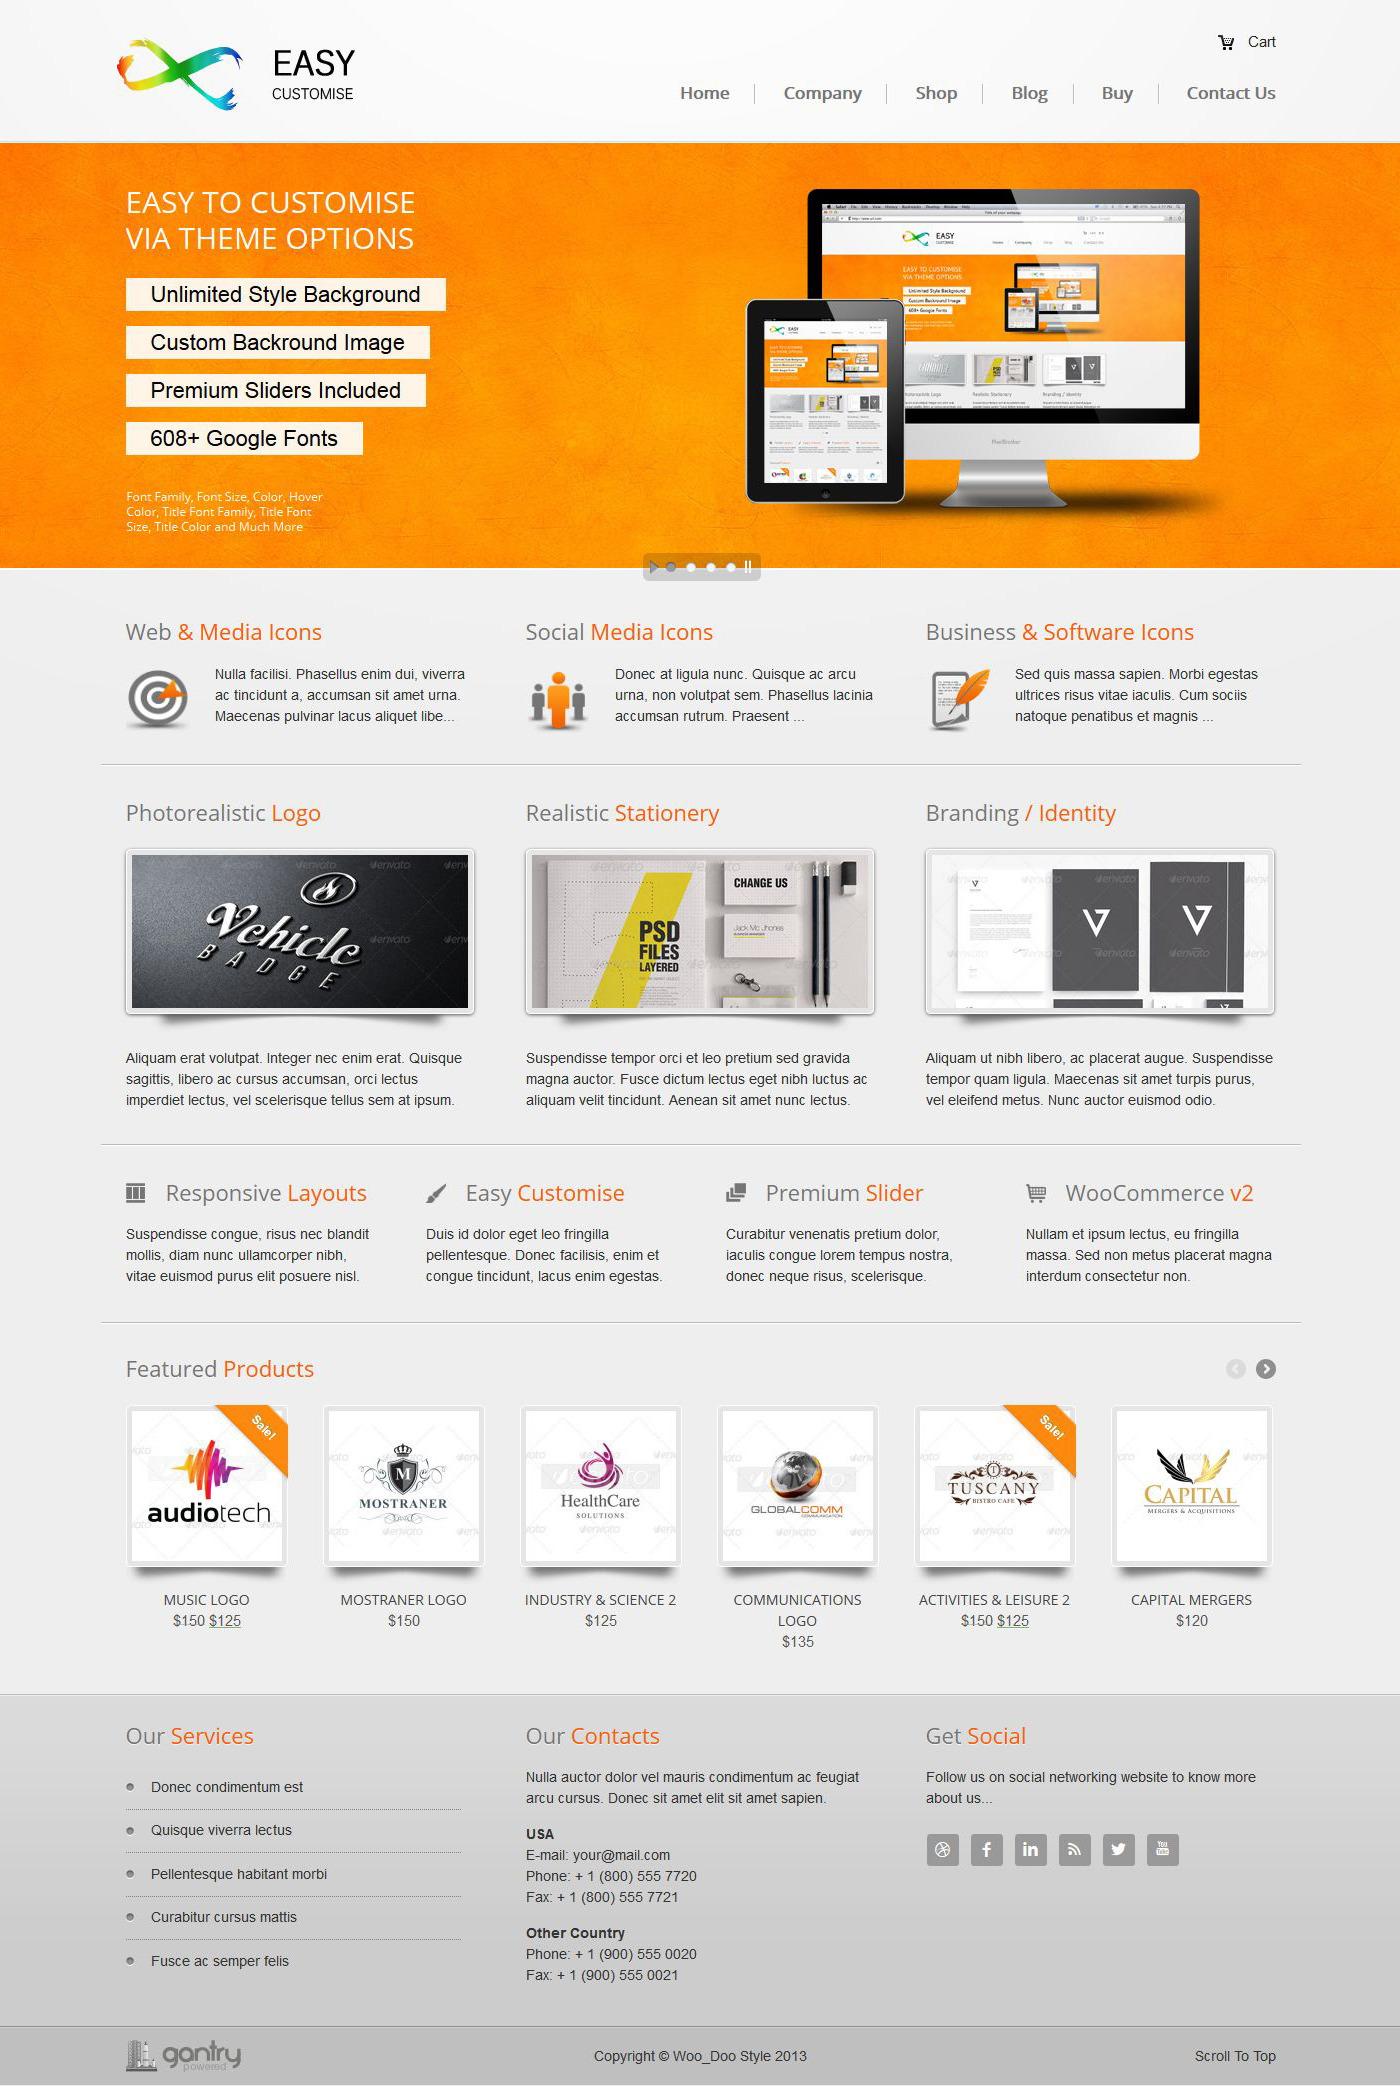 EasyCustomise - Multi-Purpose WordPress Theme - Ecommerce>WooCommerce